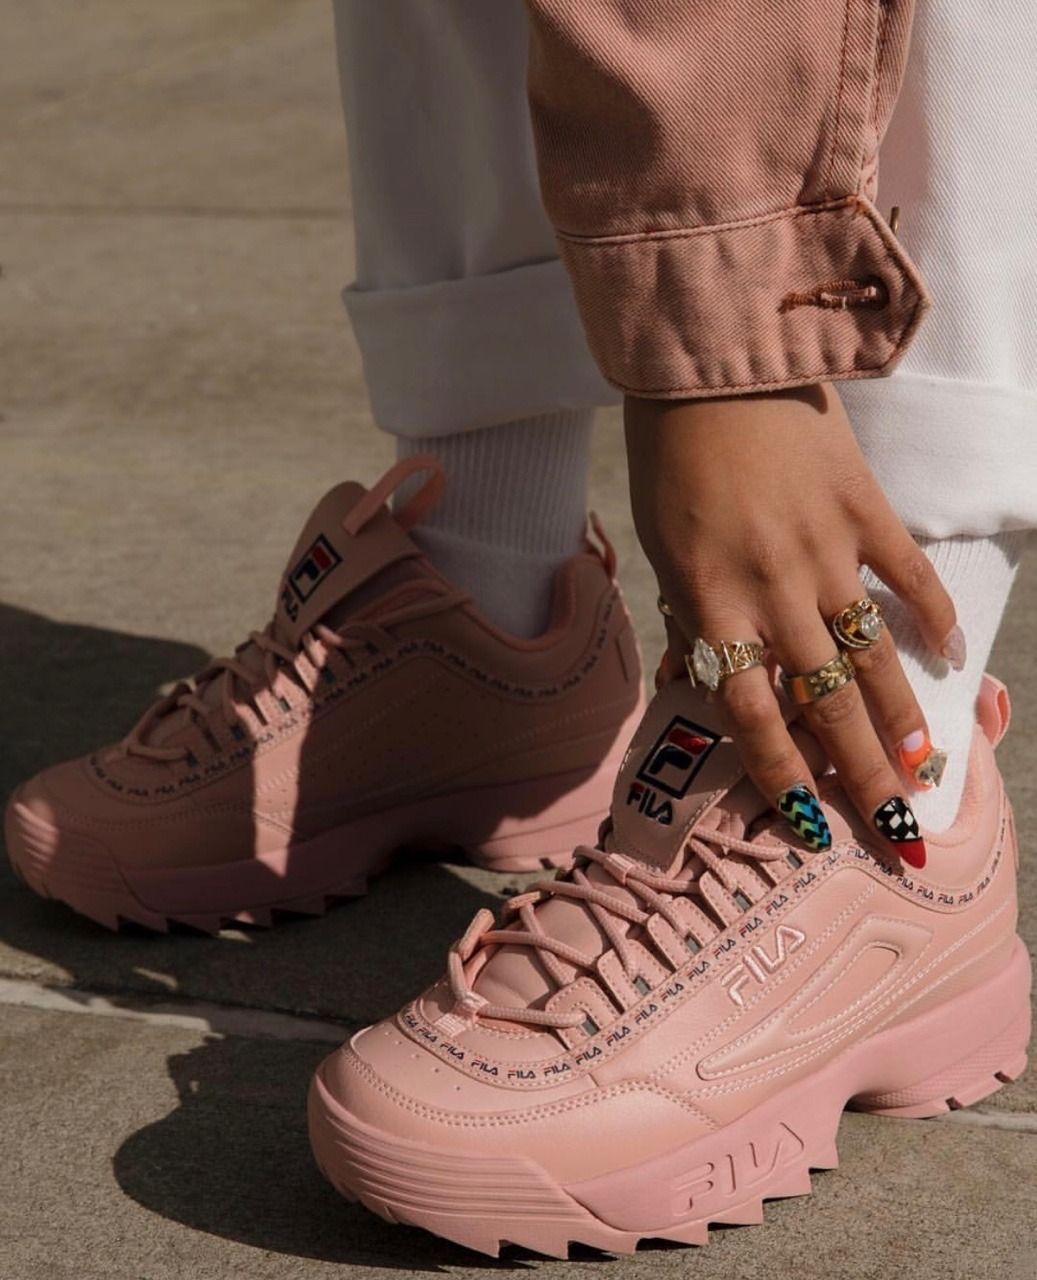 Pin de Saniah en shoes | Zapatos, Moda con zapatillas y